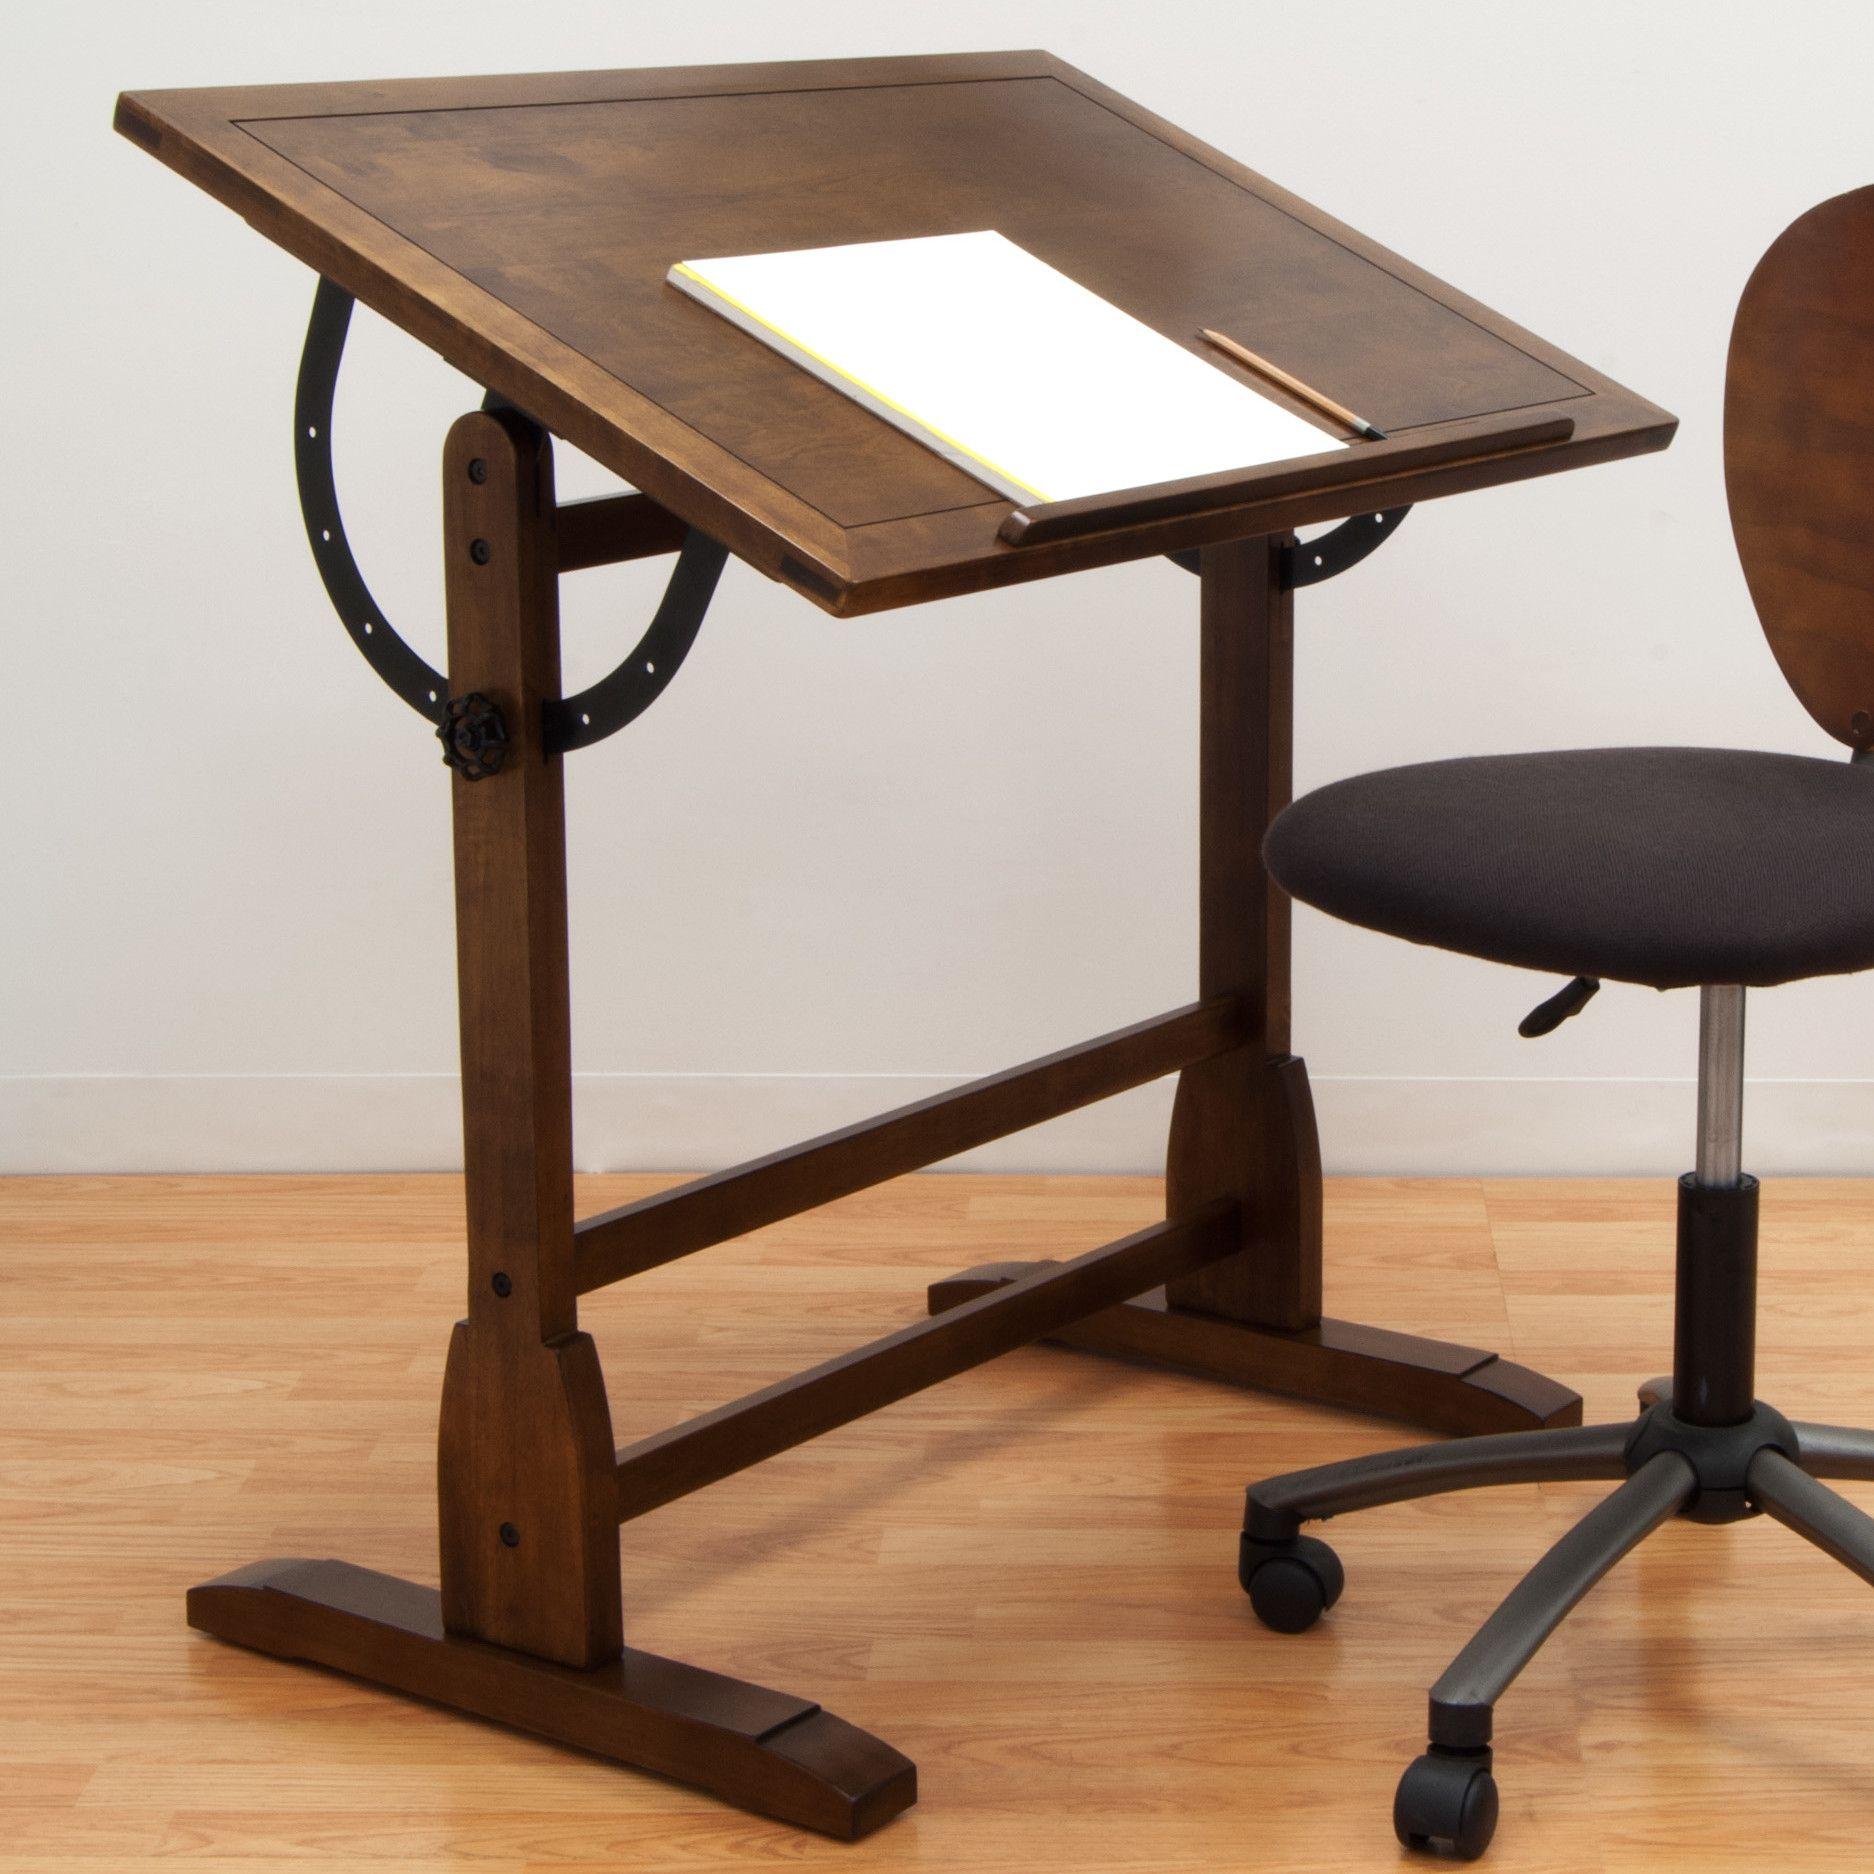 Studio Designs Vintage Wood Drafting Table More